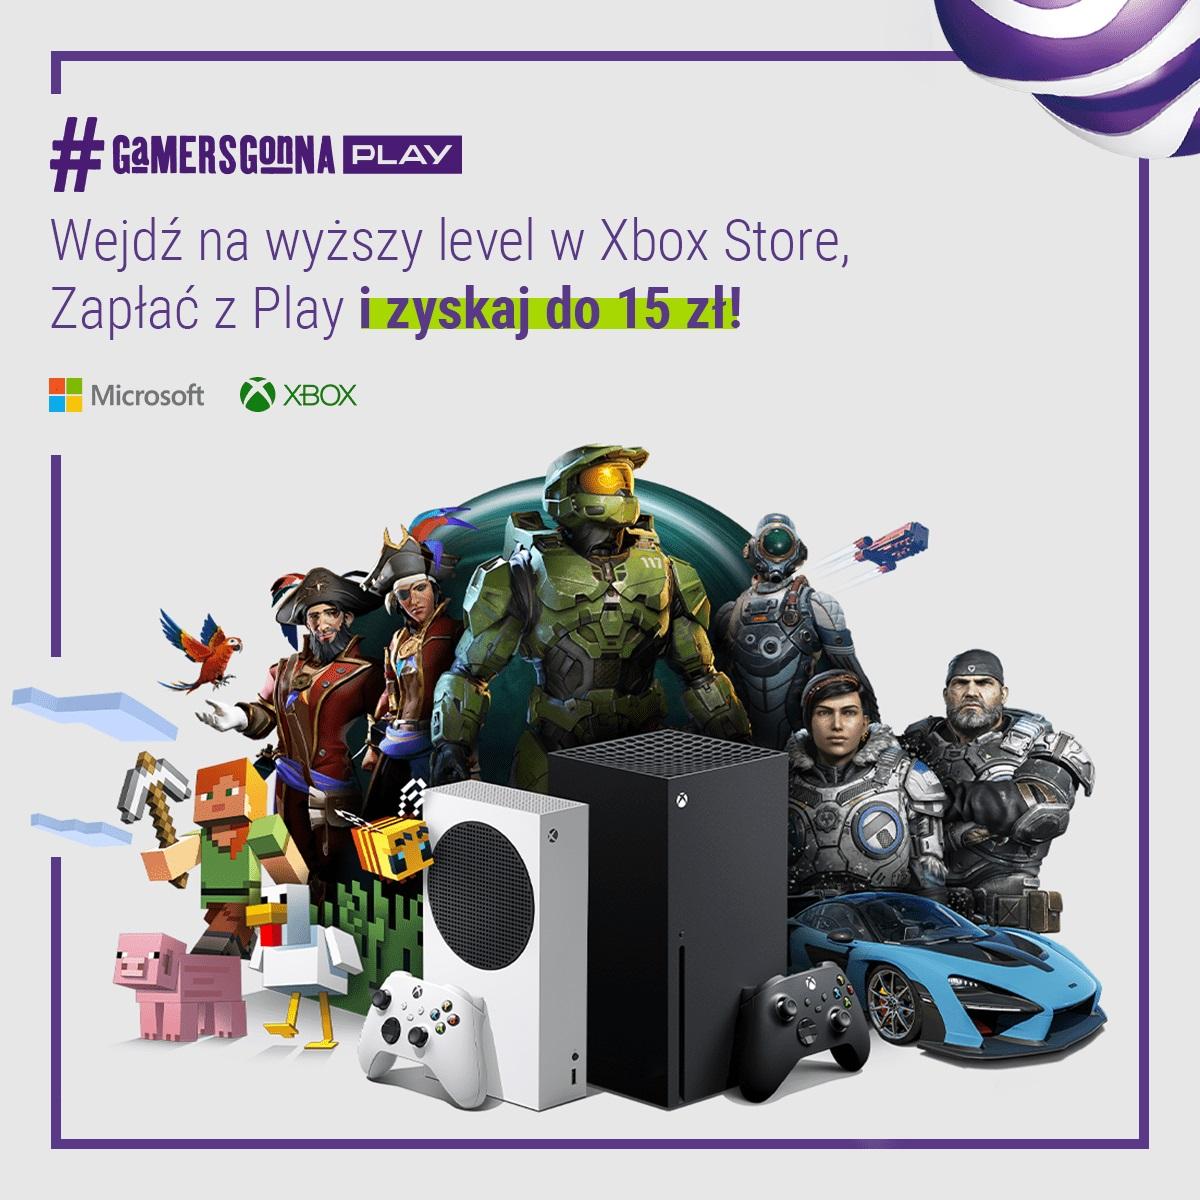 promocja Zapłać z Play Xbox Store